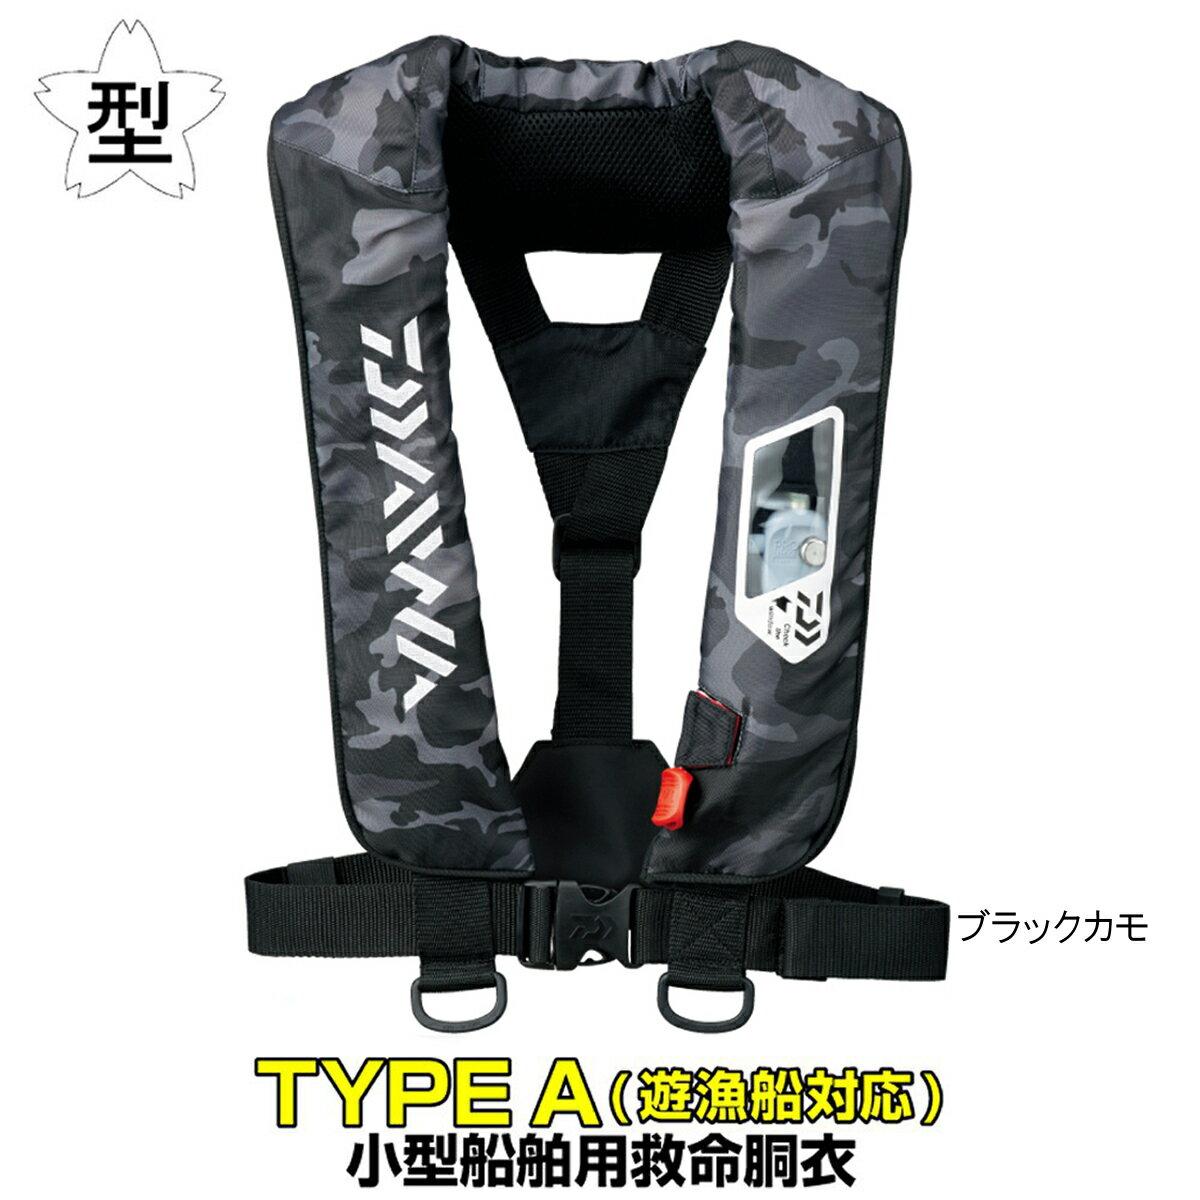 ダイワ ウォッシャブルライフジャケット(肩掛けタイプ手動・自動膨脹式) DF-2007 ブラックカモ ※遊漁船対応【送料無料】